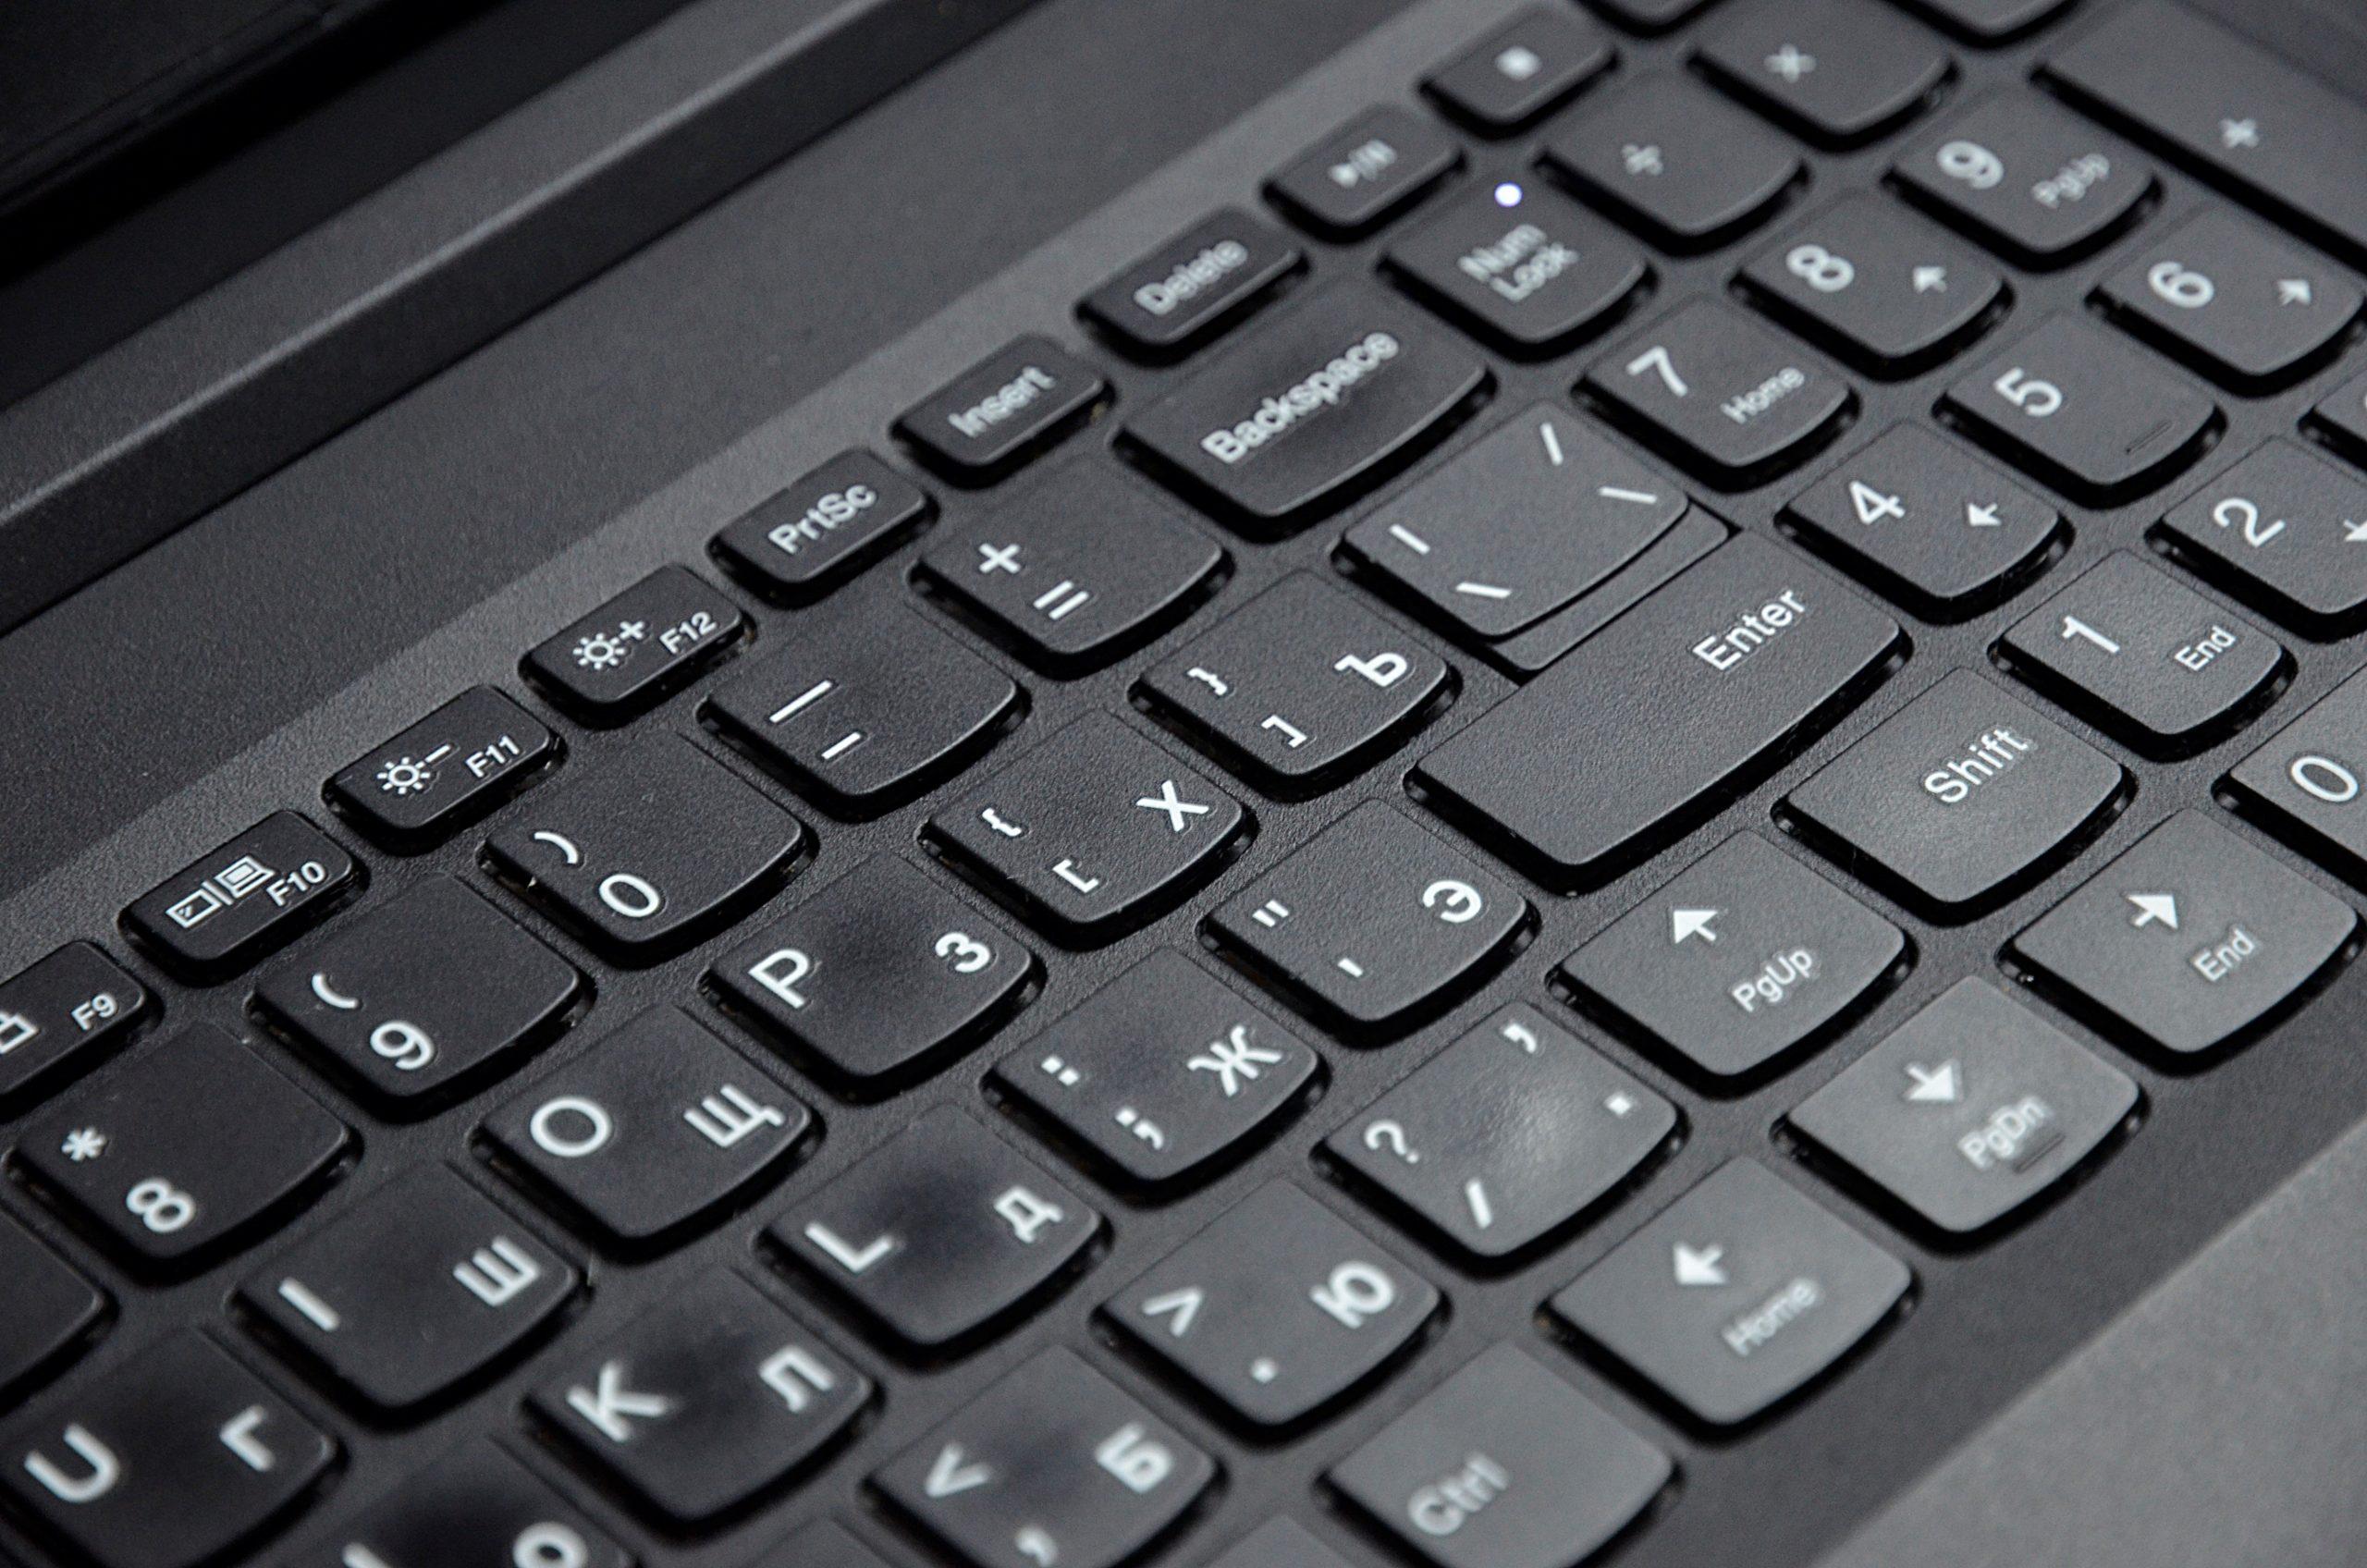 Москвич Михаил Головченко принял участие в онлайн-голосовании на борту ледокола «Ямал»